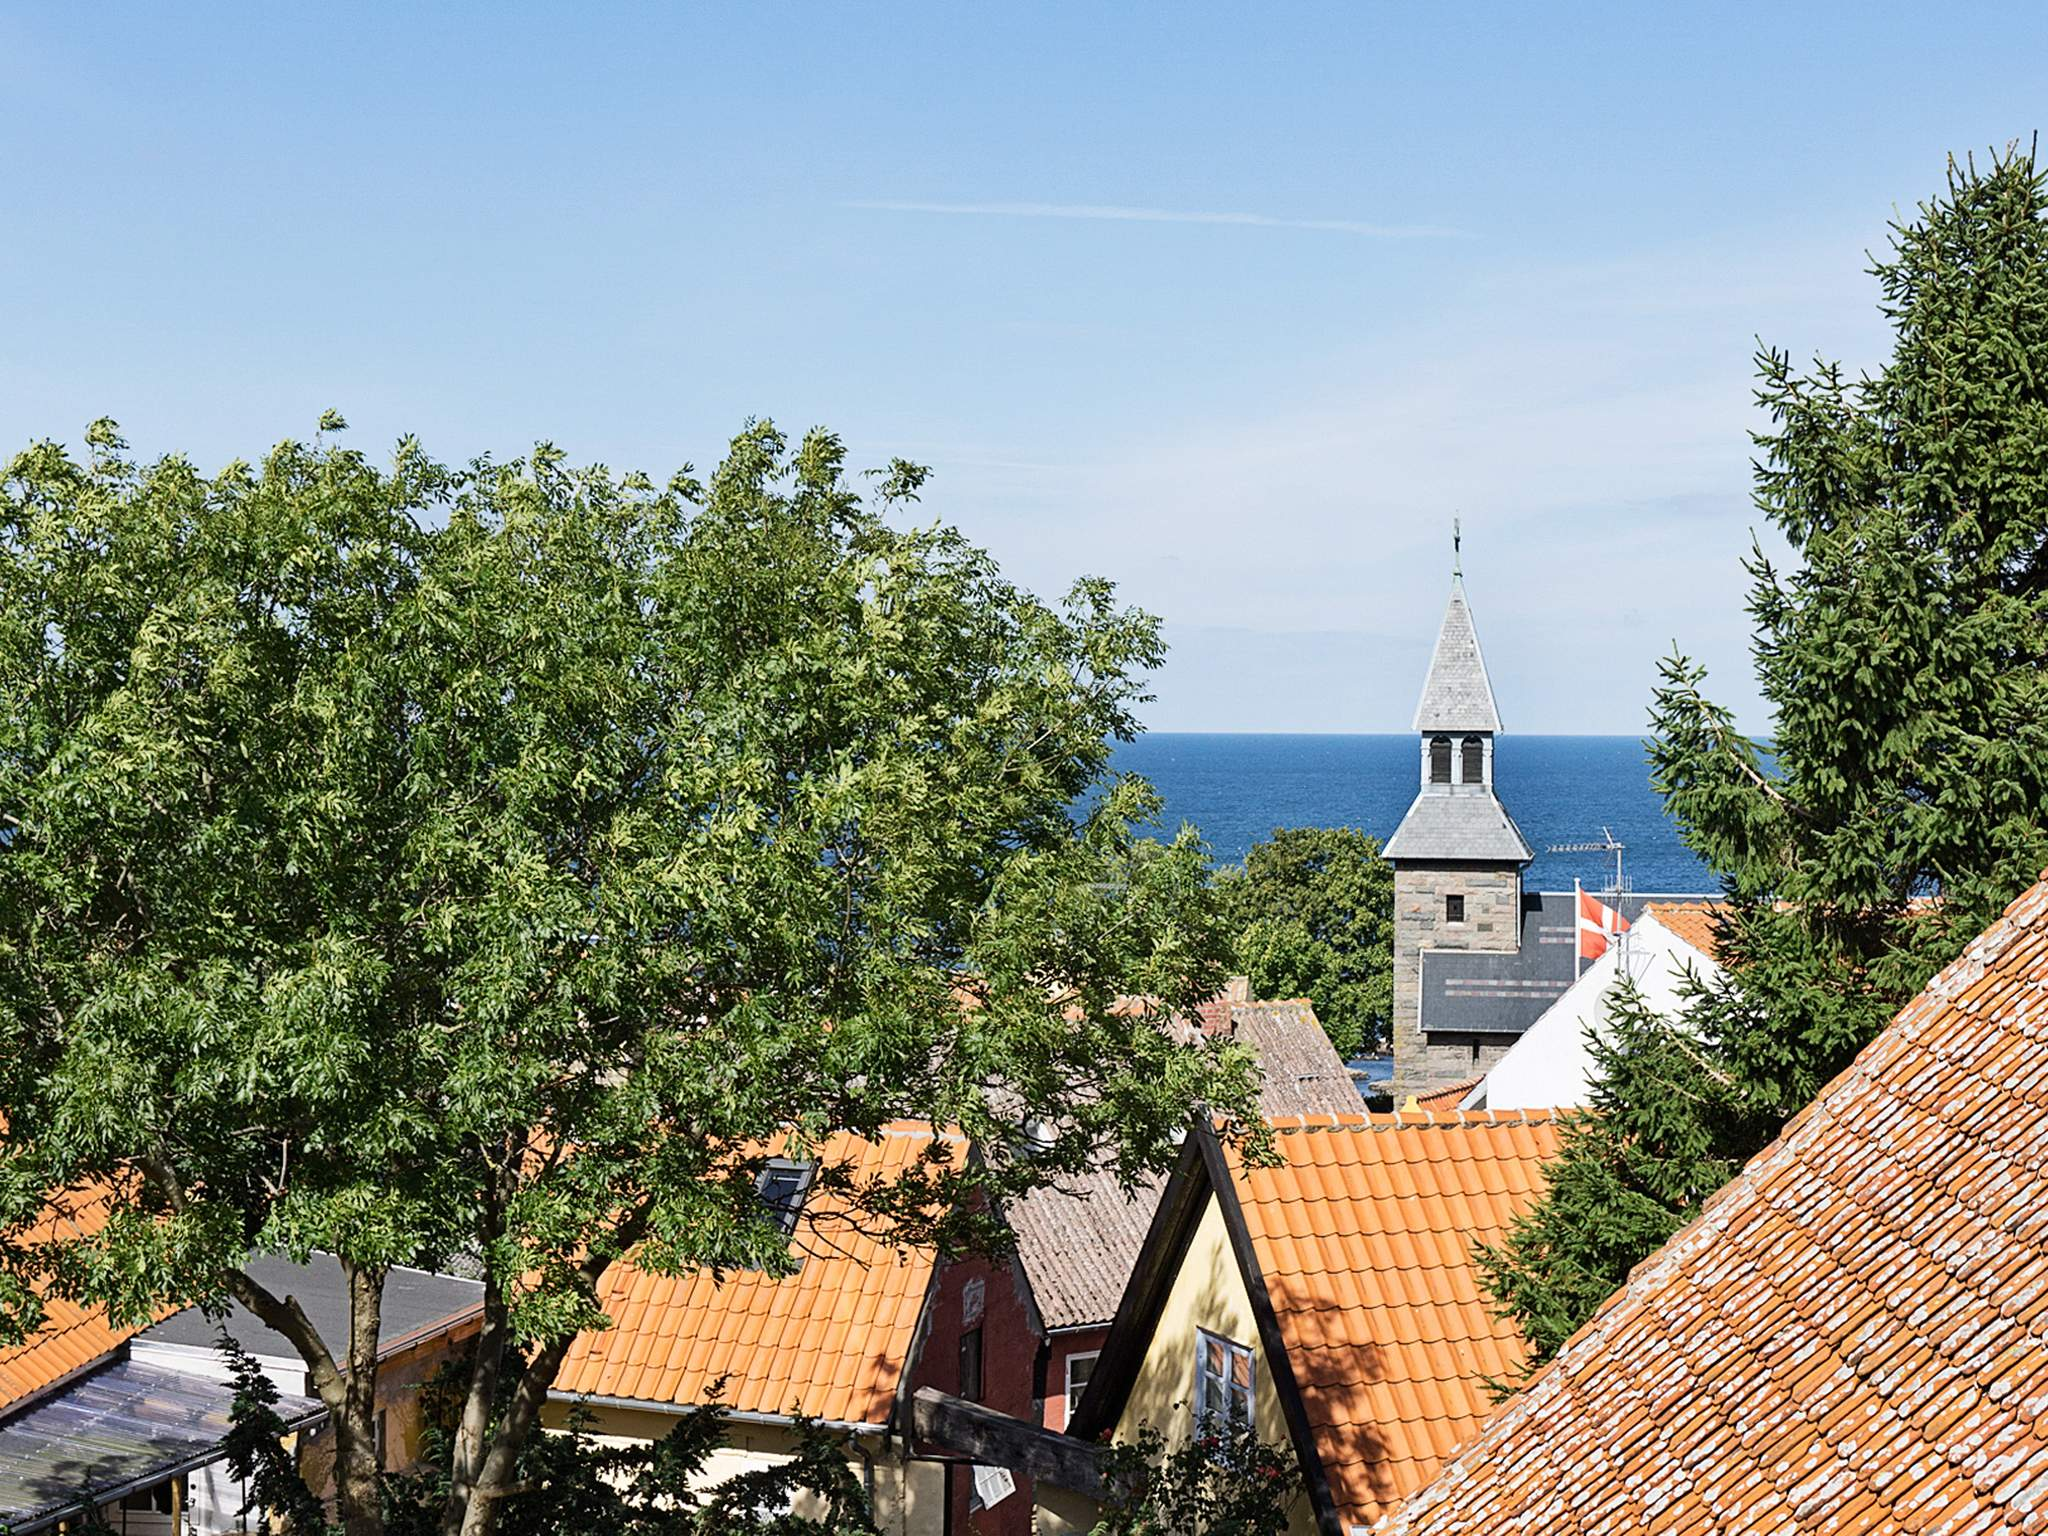 Ferienhaus Gudhjem (385015), Gudhjem, , Bornholm, Dänemark, Bild 10